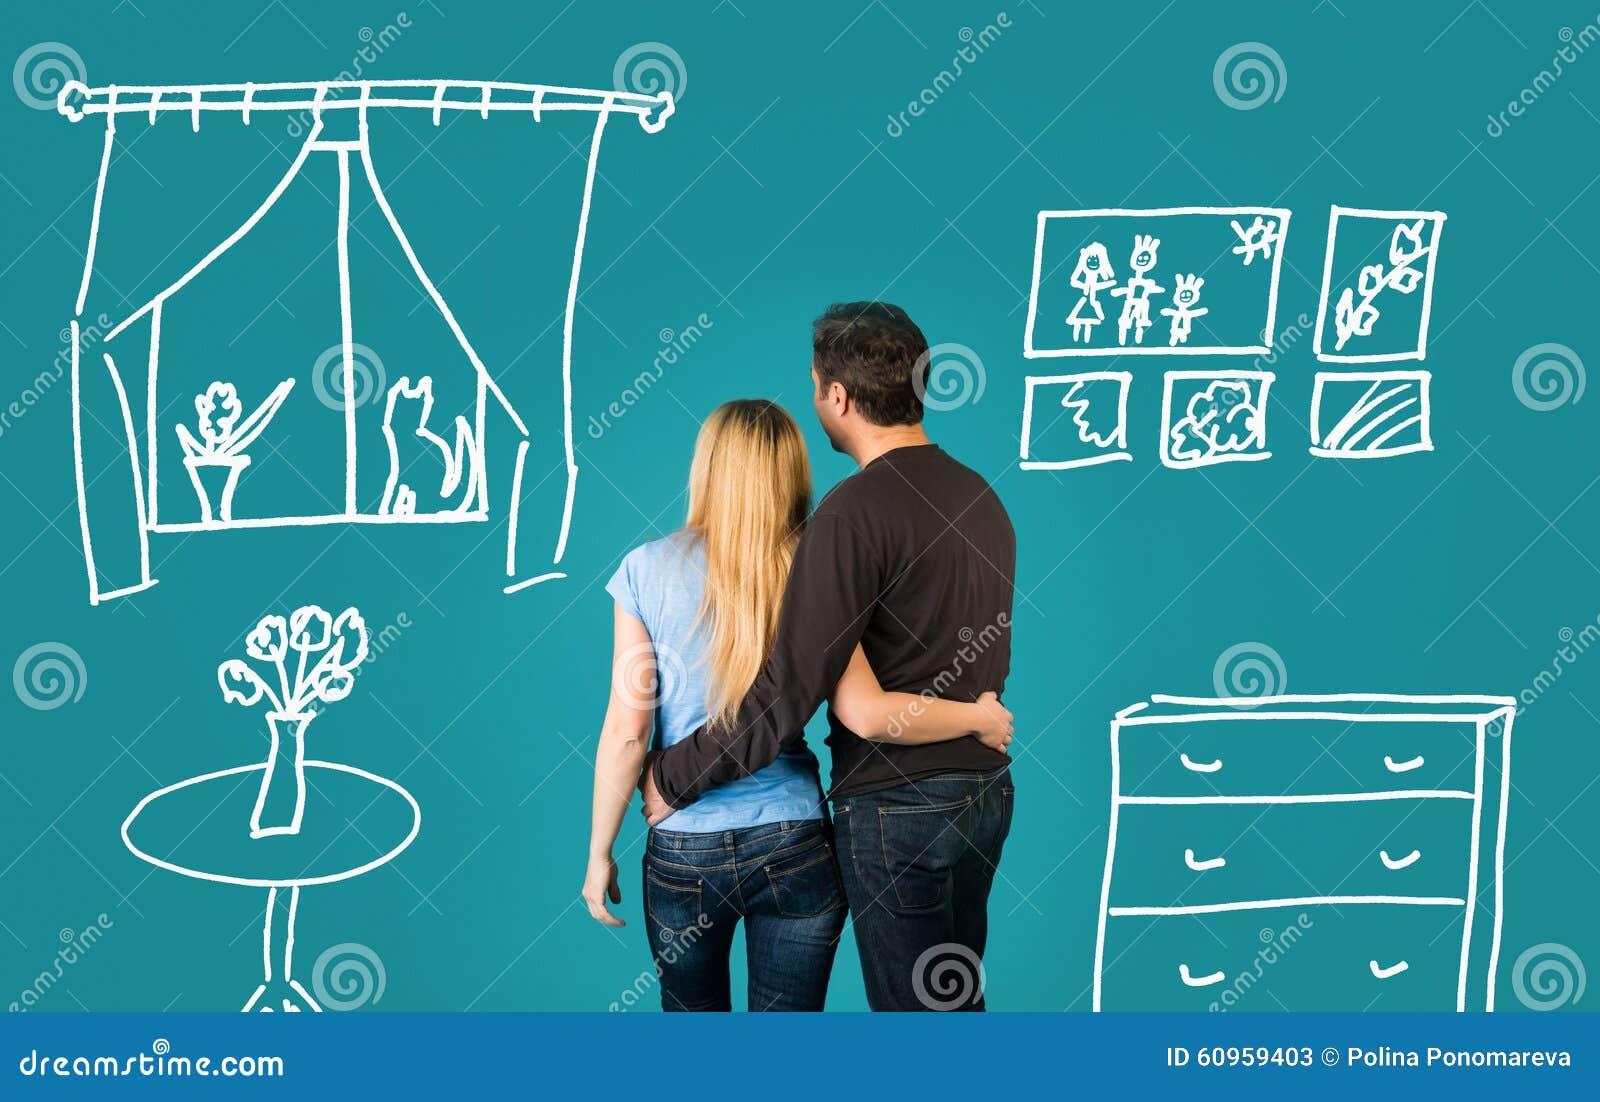 作梦他们新的家和装备在蓝色背景的愉快的夫妇